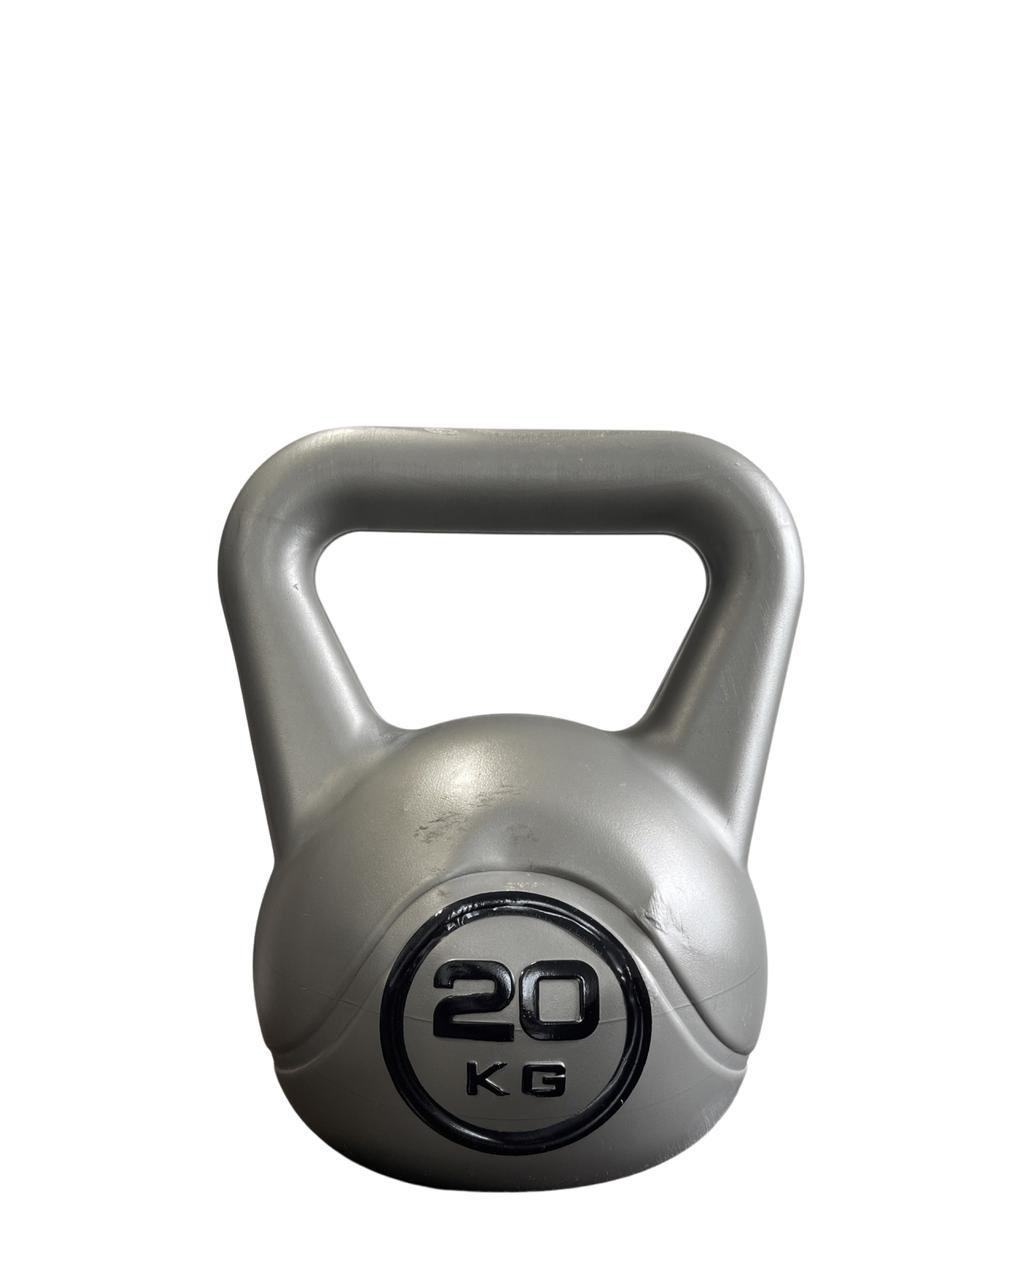 Гиря 20 кг  для Crossfit (Кроссфит) БРАК